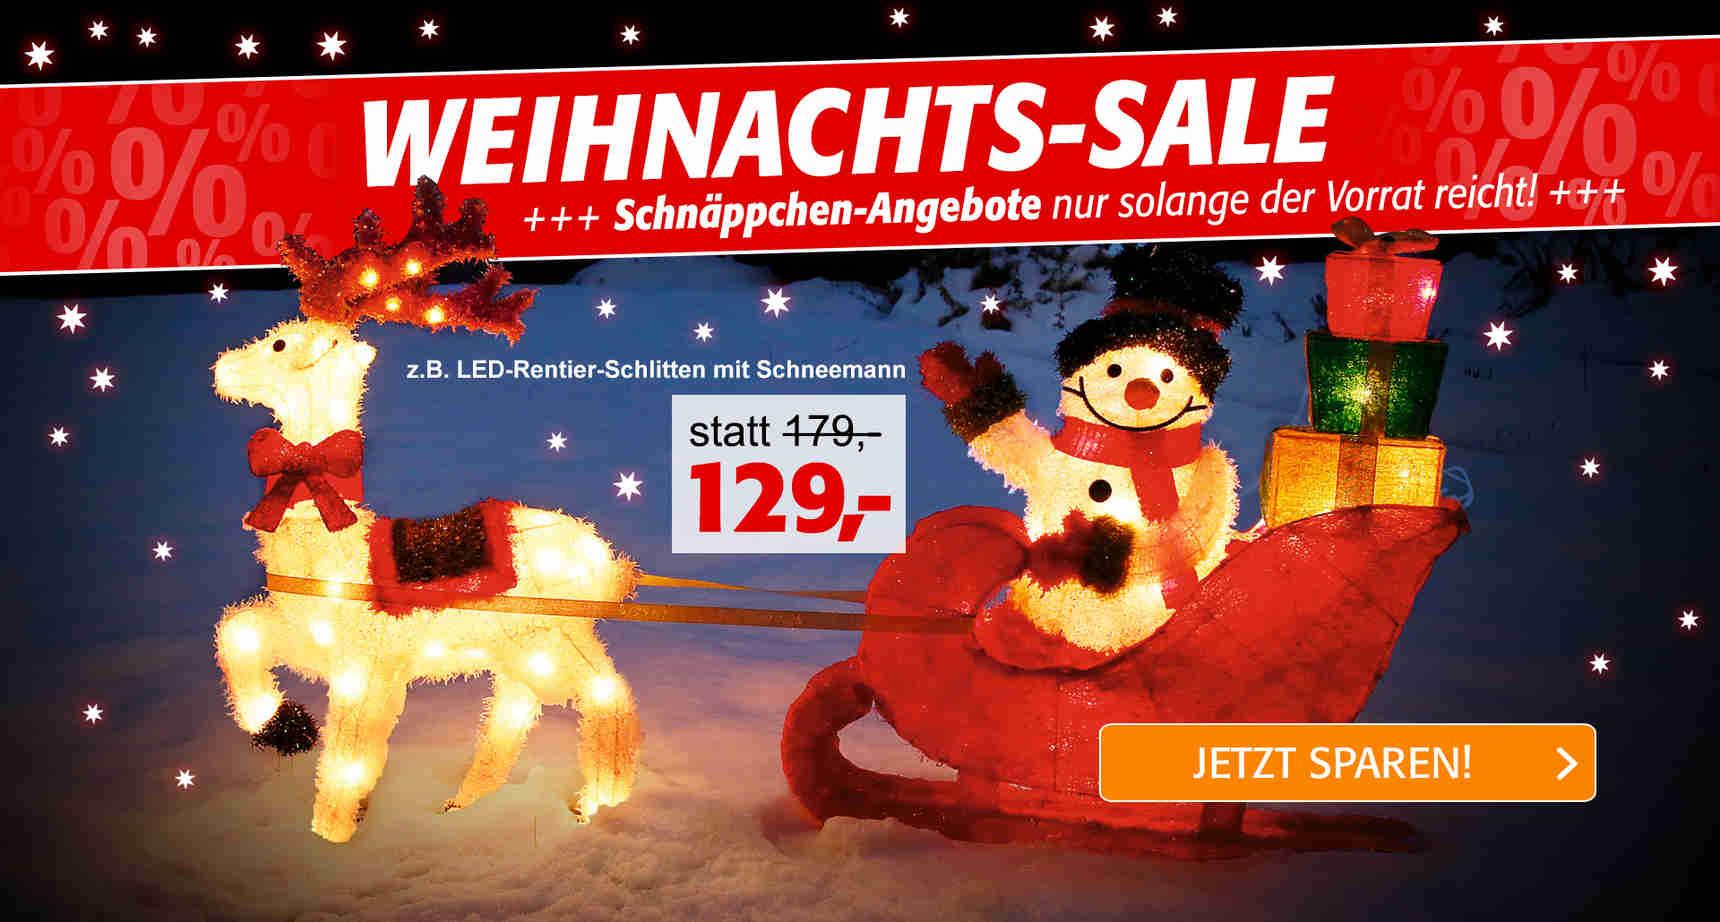 +++ (2) Weihnachts-Sale +++ - 3